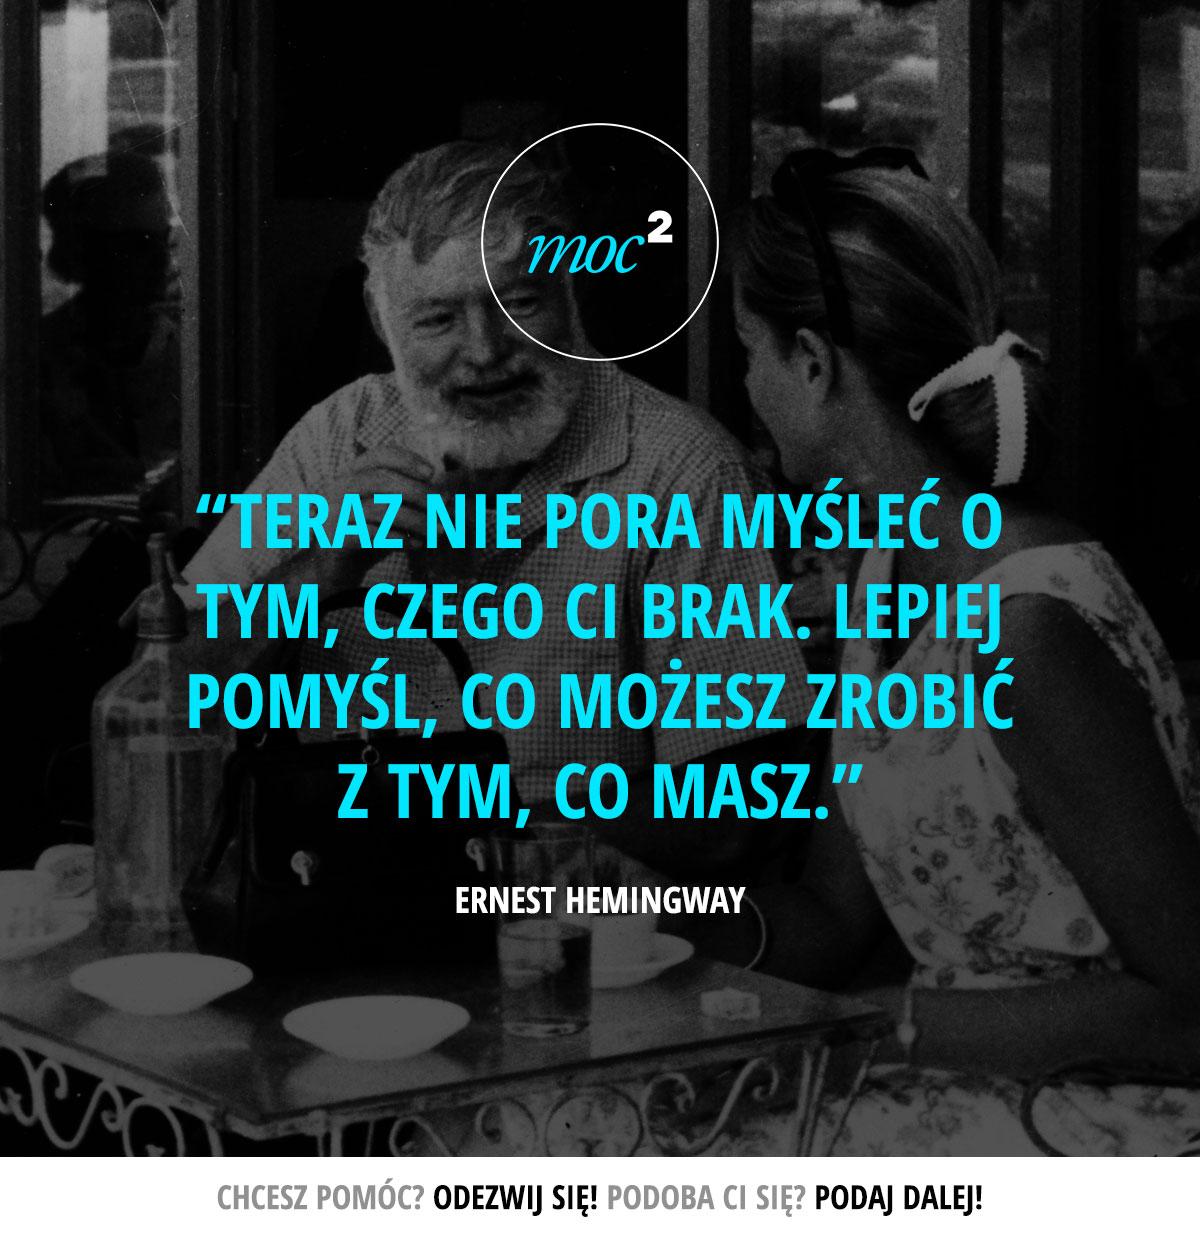 Teraz nie pora myśleć o tym, czego Ci brak. Lepiej pomyśl, co możesz zrobić z tym, co masz. - Ernest Hemingway